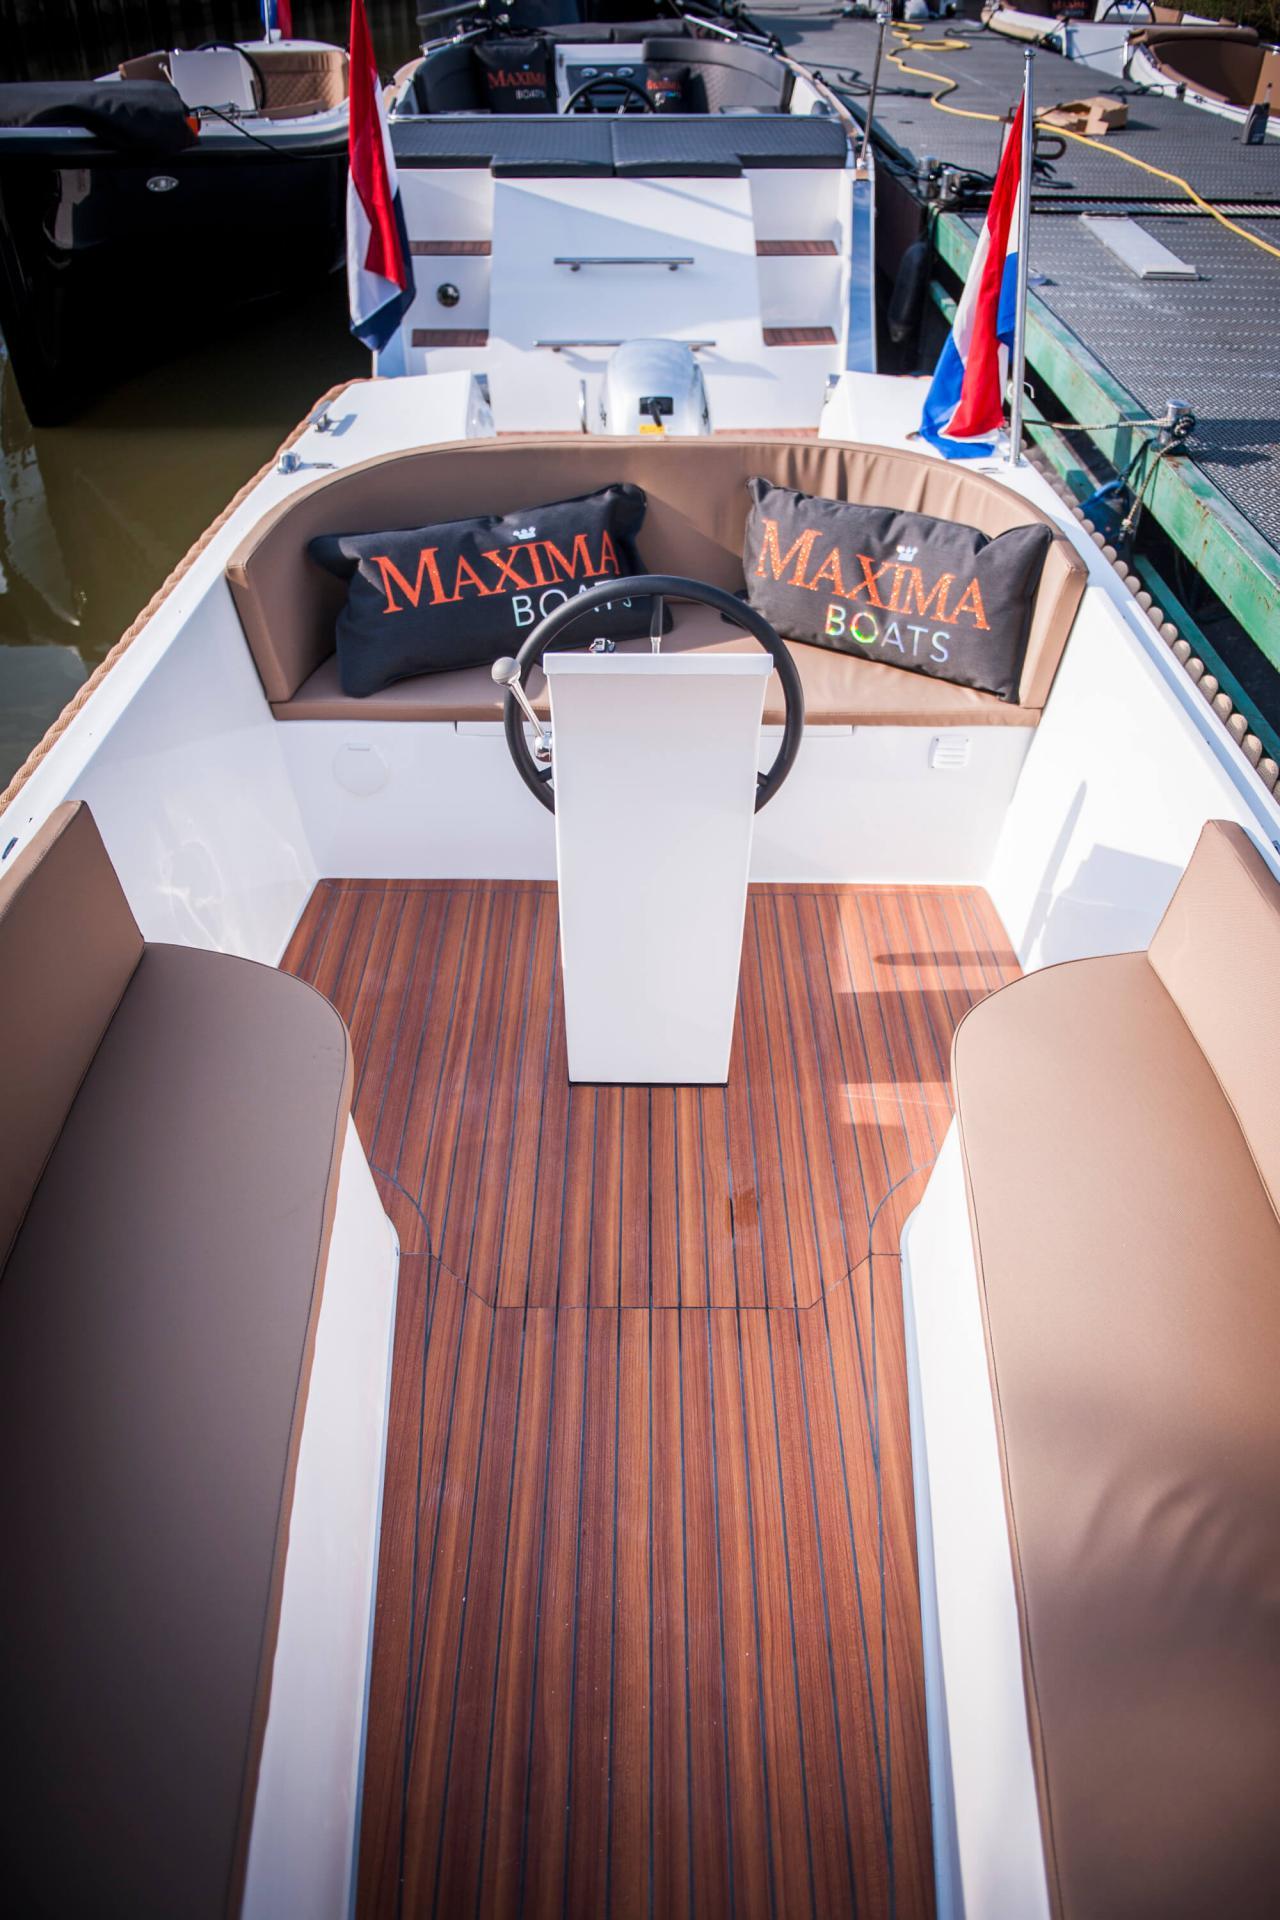 Maxima 550 28